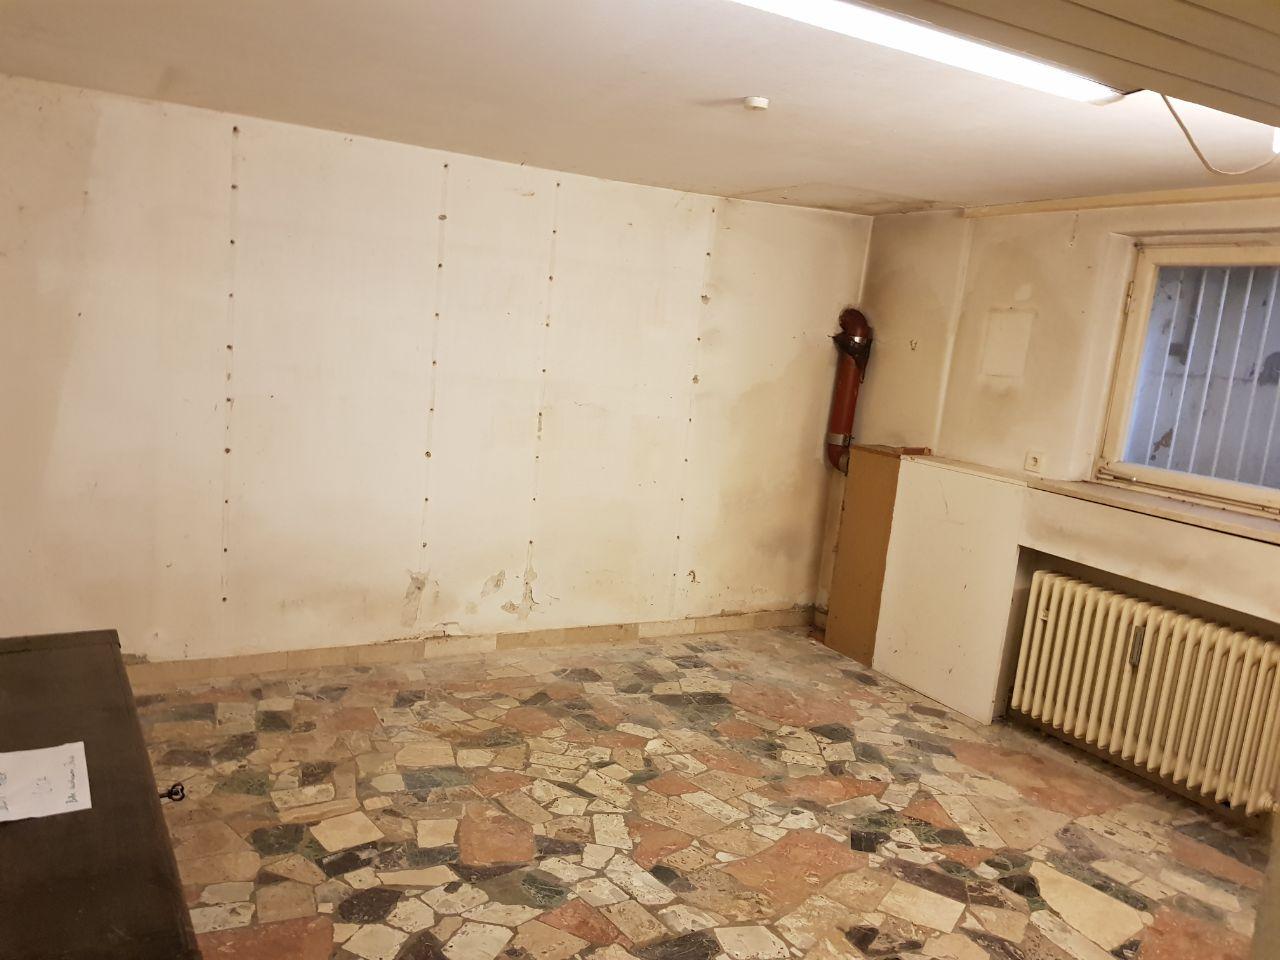 Entrümpelung In München Grünwald Wohnungsauflösung